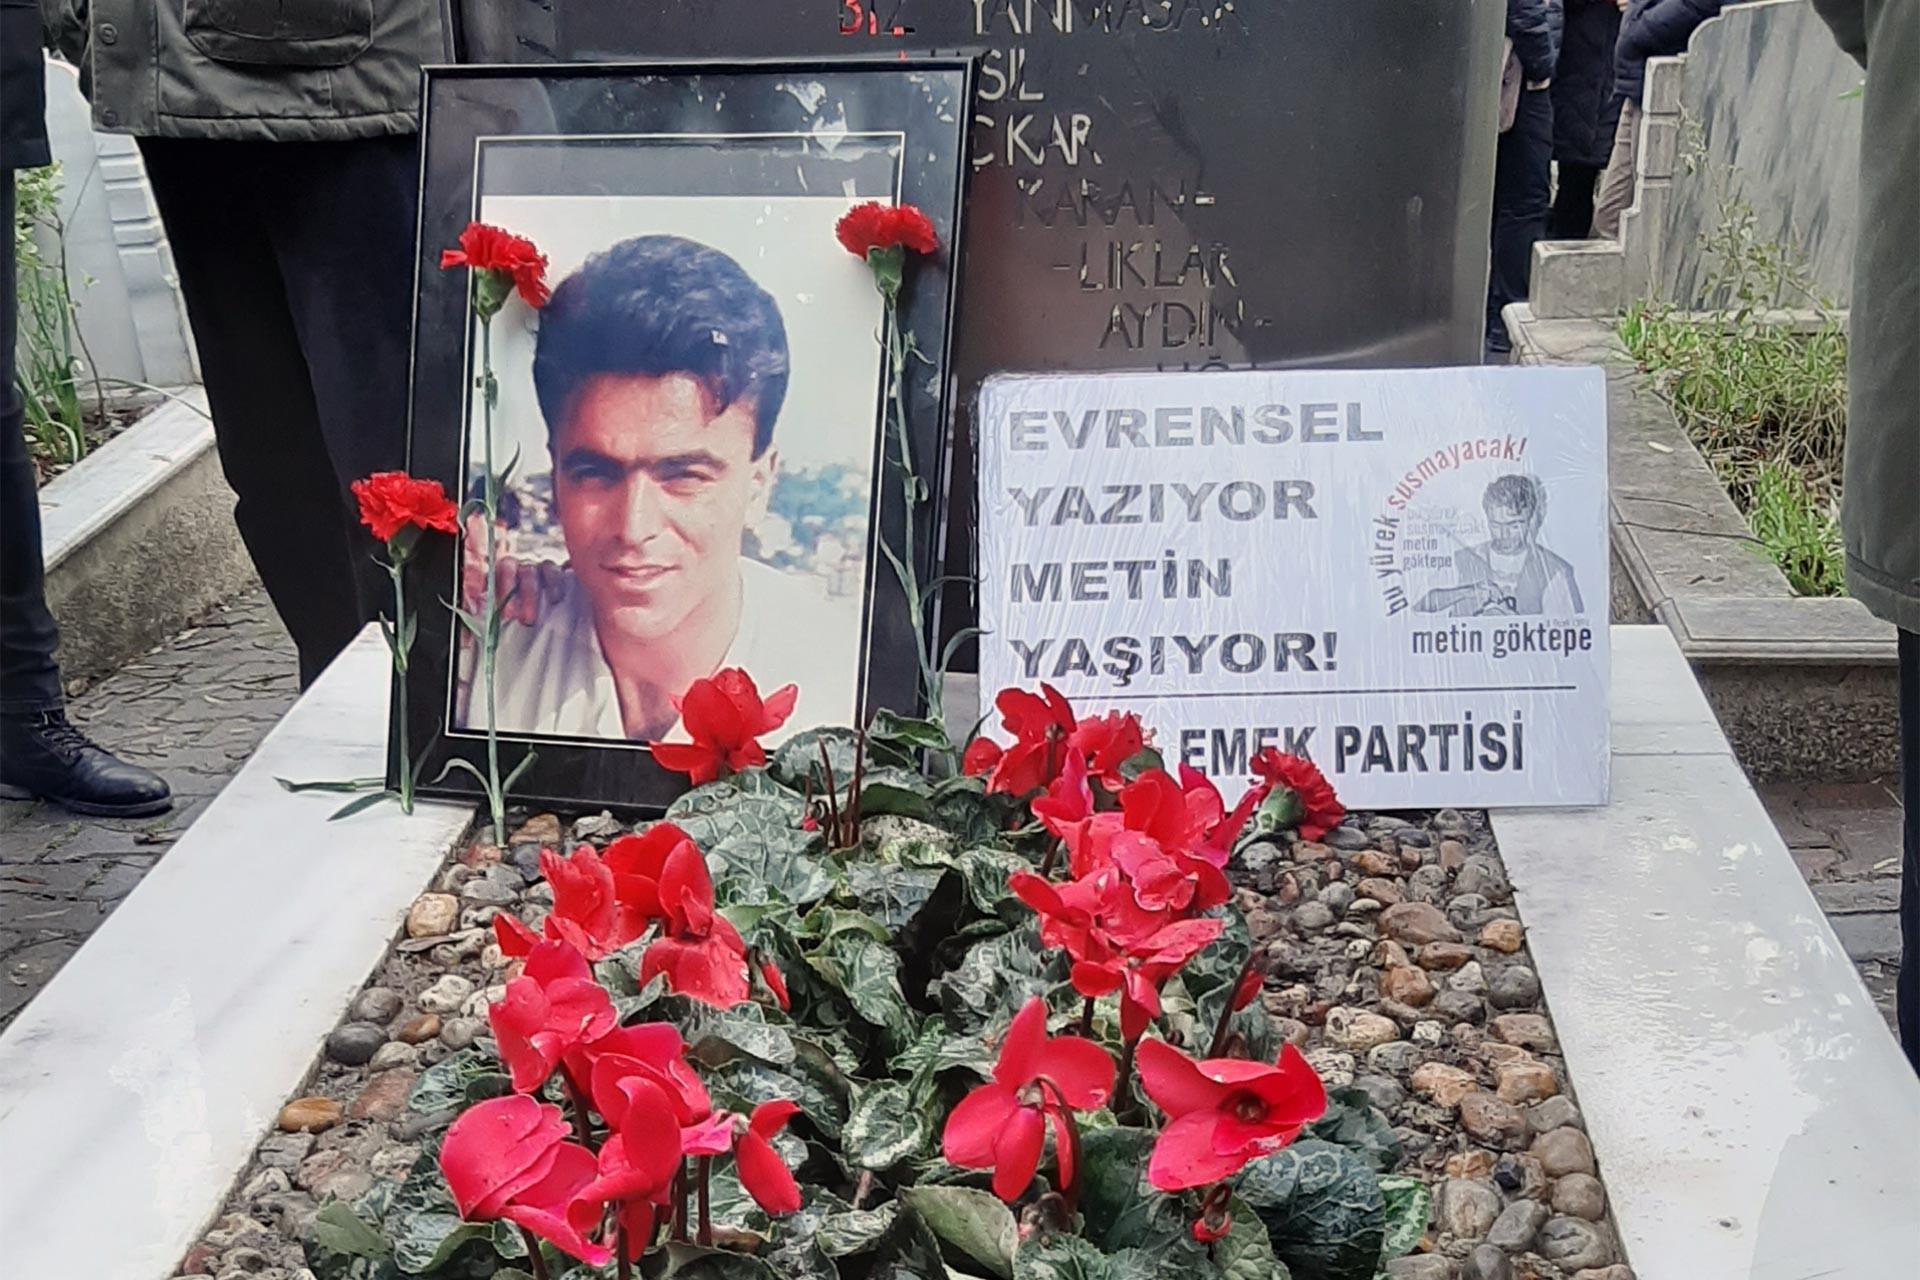 Metin Göktepe'nin mezarı, çiçekler, döviz ve fotoğrafı